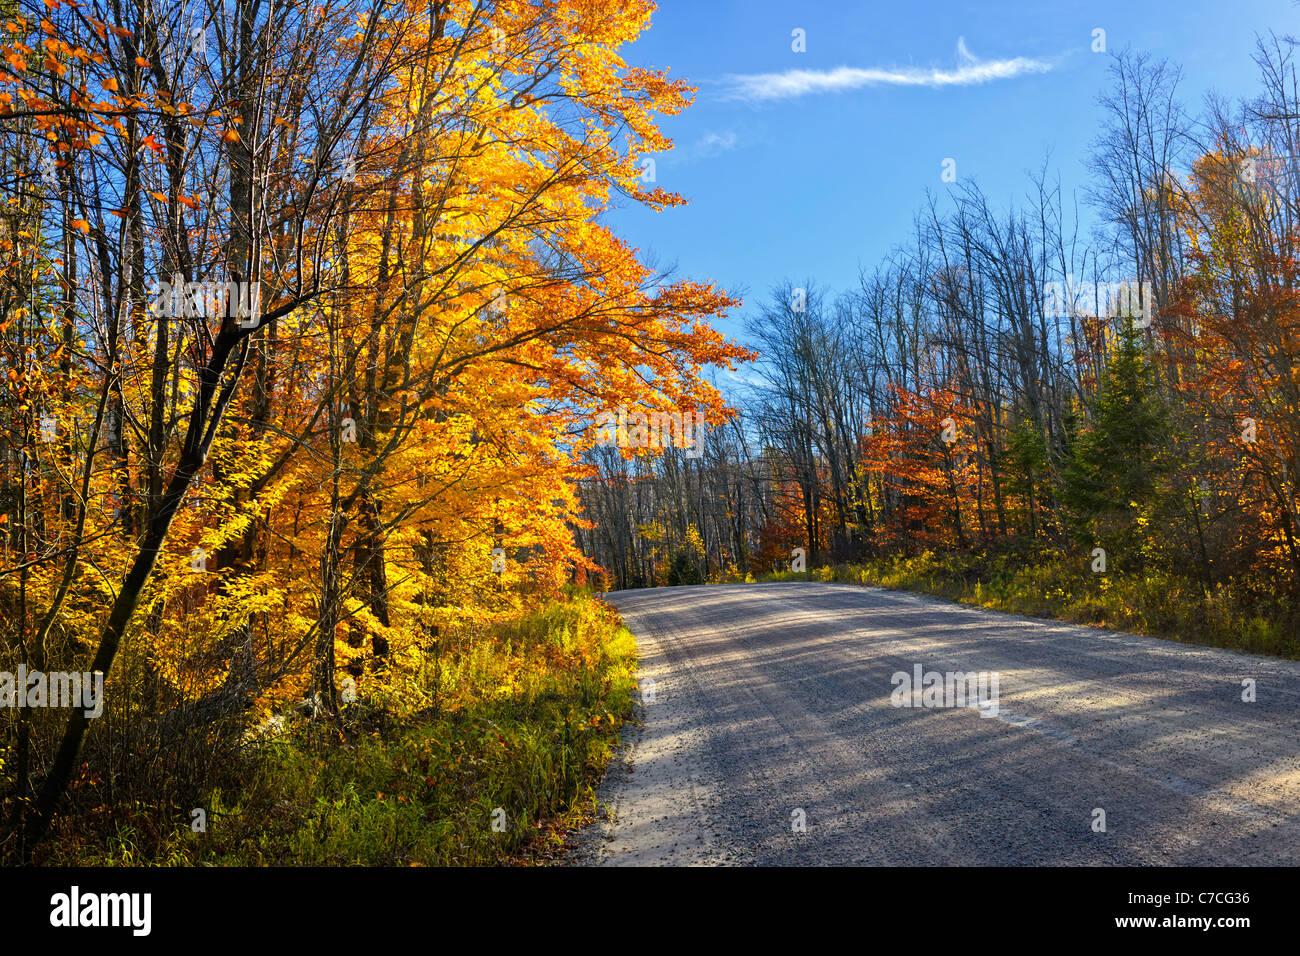 Schotterstrasse Durch Farbenfrohe Herbst Wald In Ontario Kanada